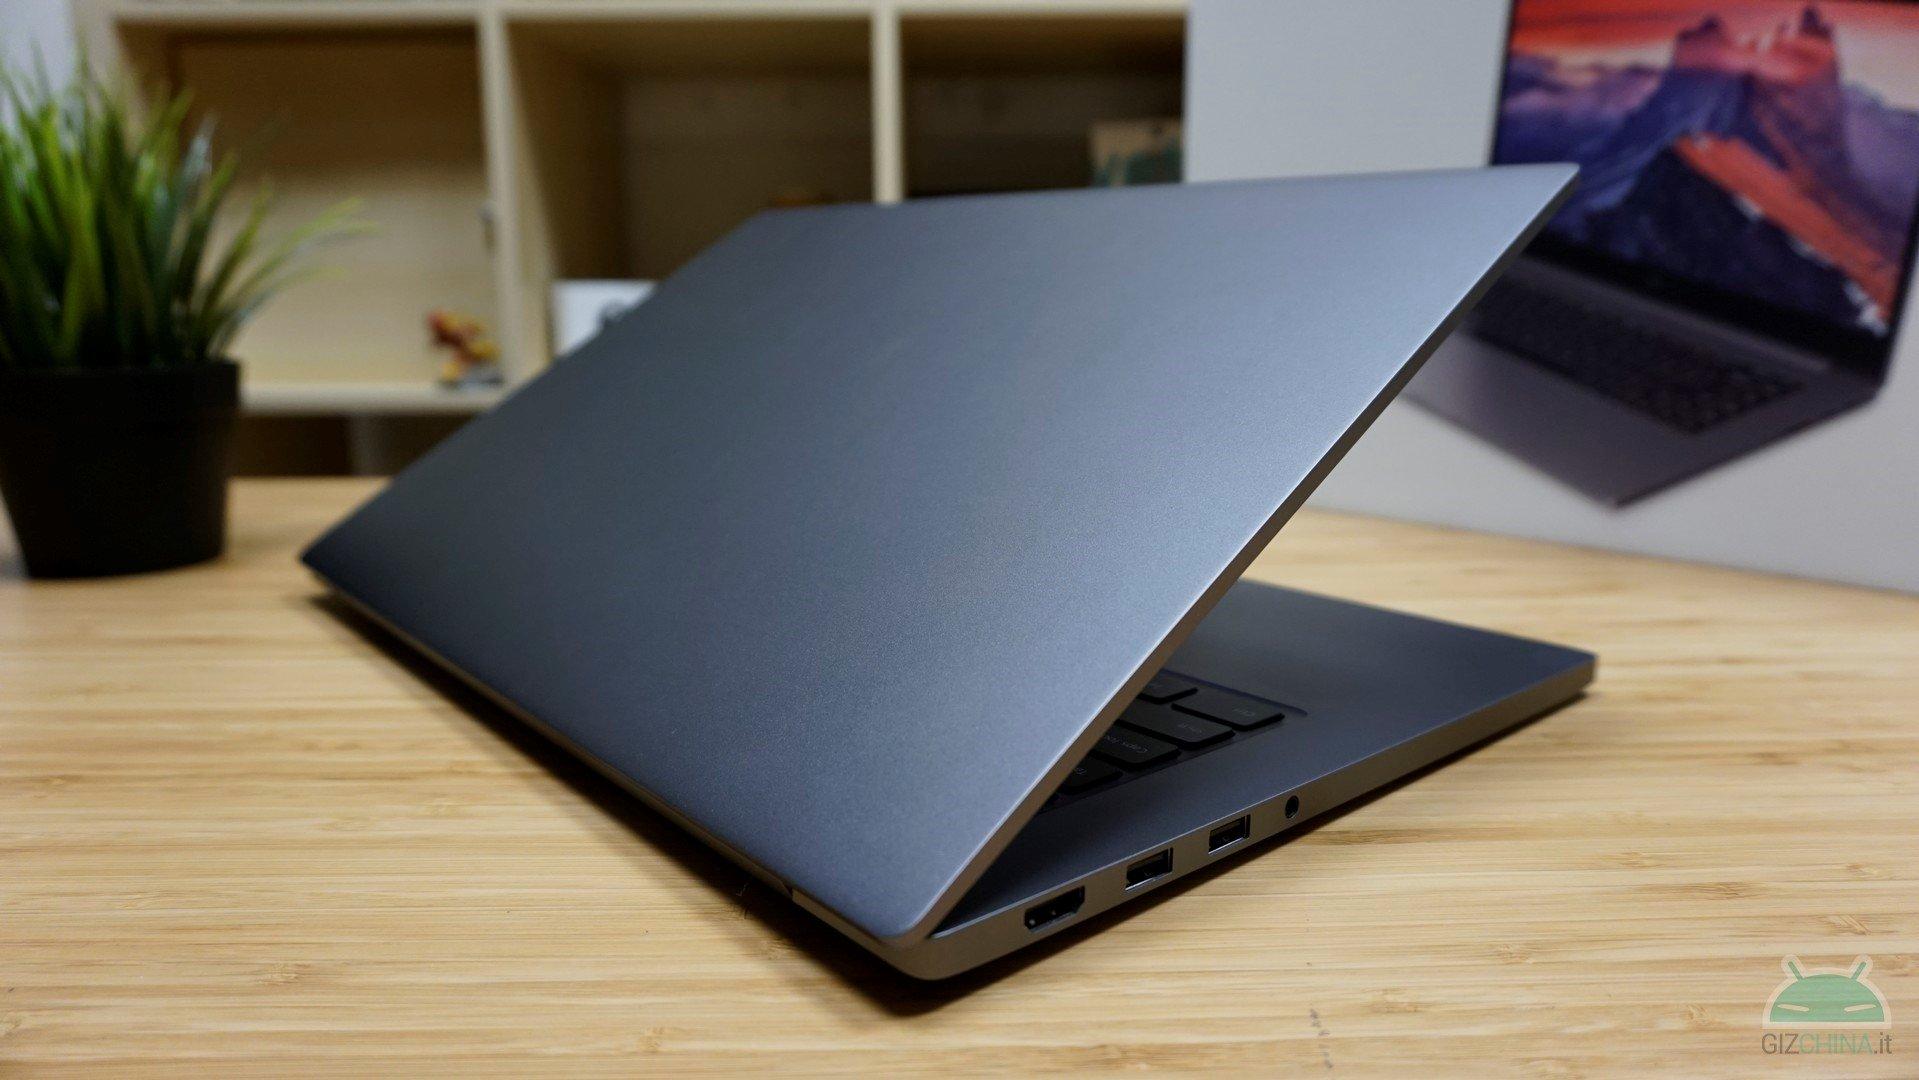 Xiaomi mi notebook pro i5-8250U 8 / 256 GB NVIDIA GTX1050Max-Q - Banggood